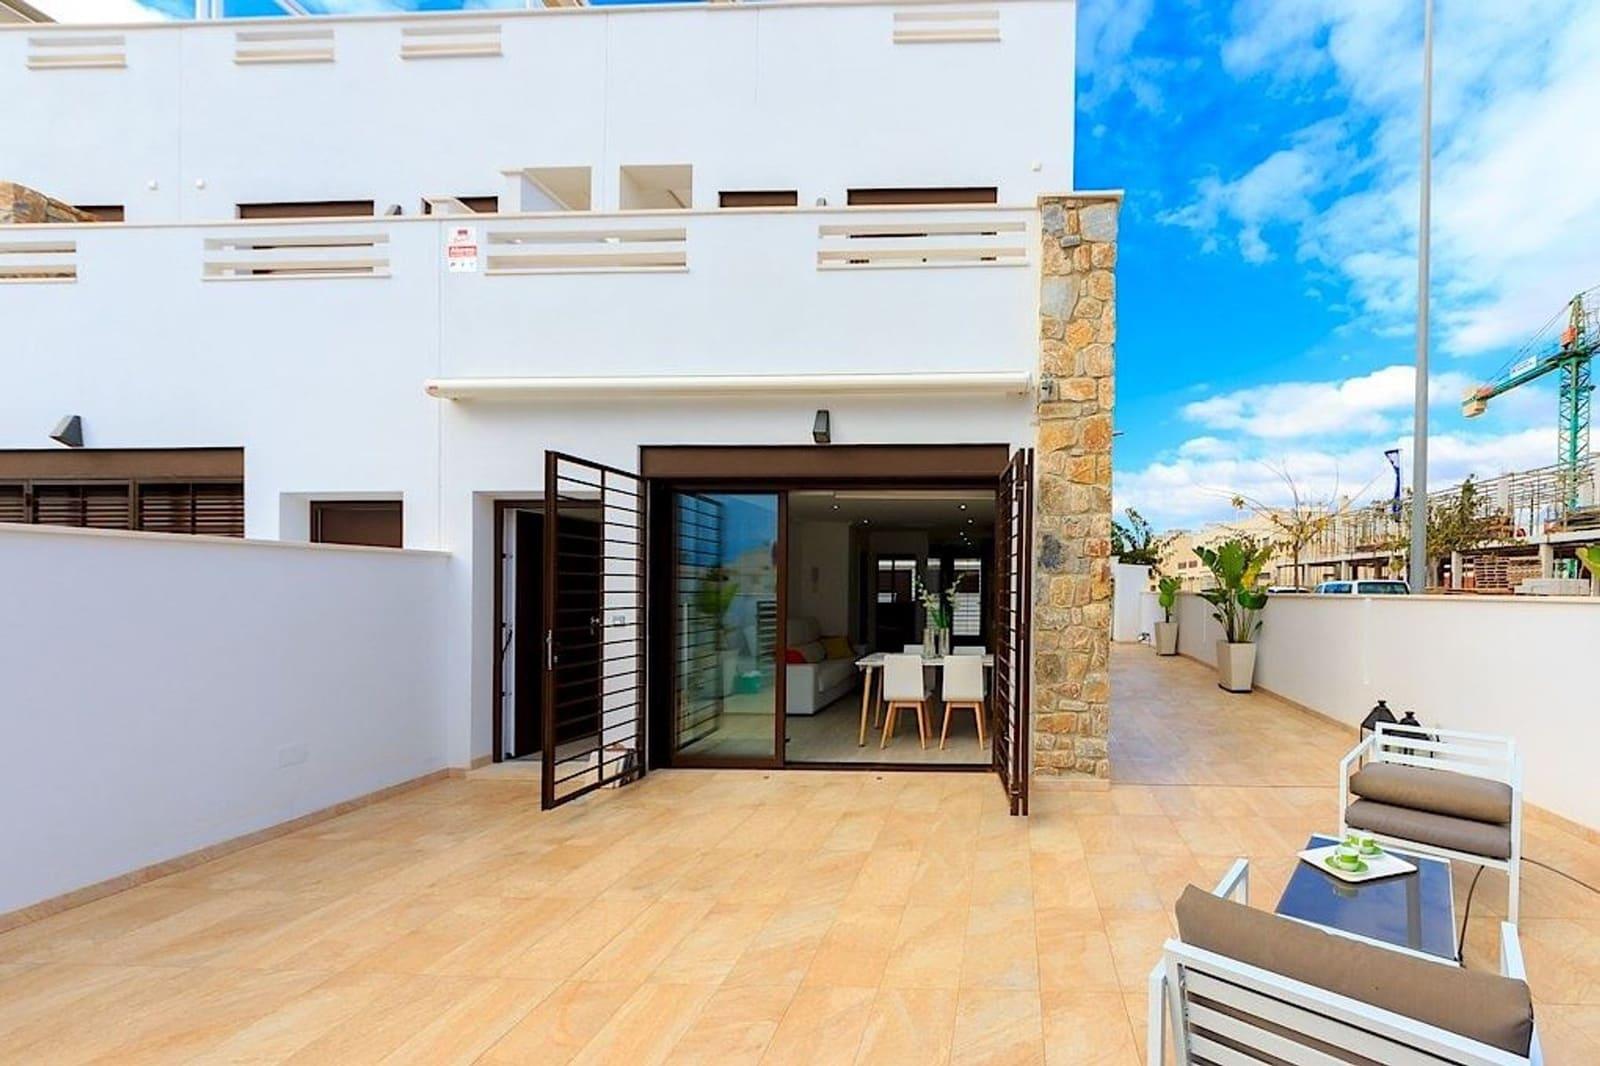 Apartamento de 3 habitaciones en Pilar de la Horadada en venta con piscina - 198.000 € (Ref: 5041507)